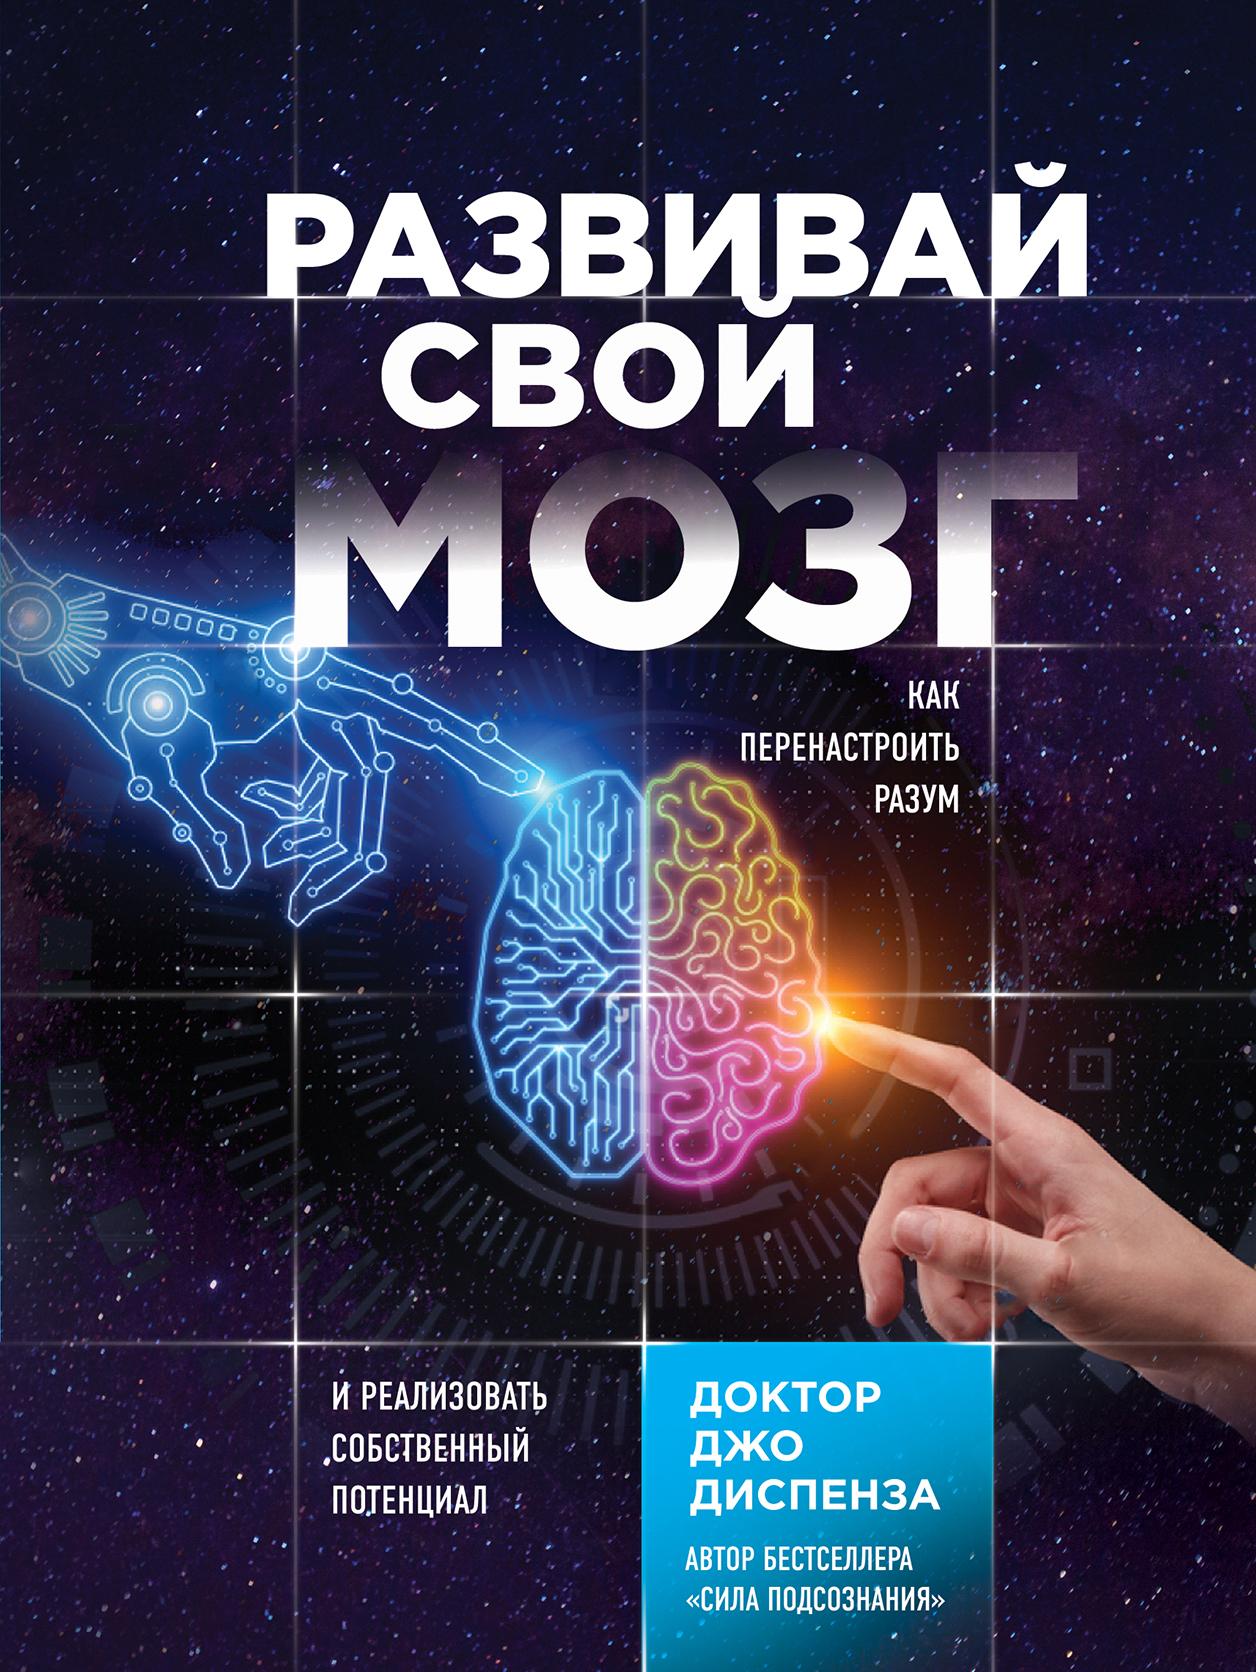 Джо Диспенза Развивай свой мозг. Как перенастроить разум и реализовать собственный потенциал эндрю ньюберг наш мозг и просветление нейробиология самопознания и совершенства